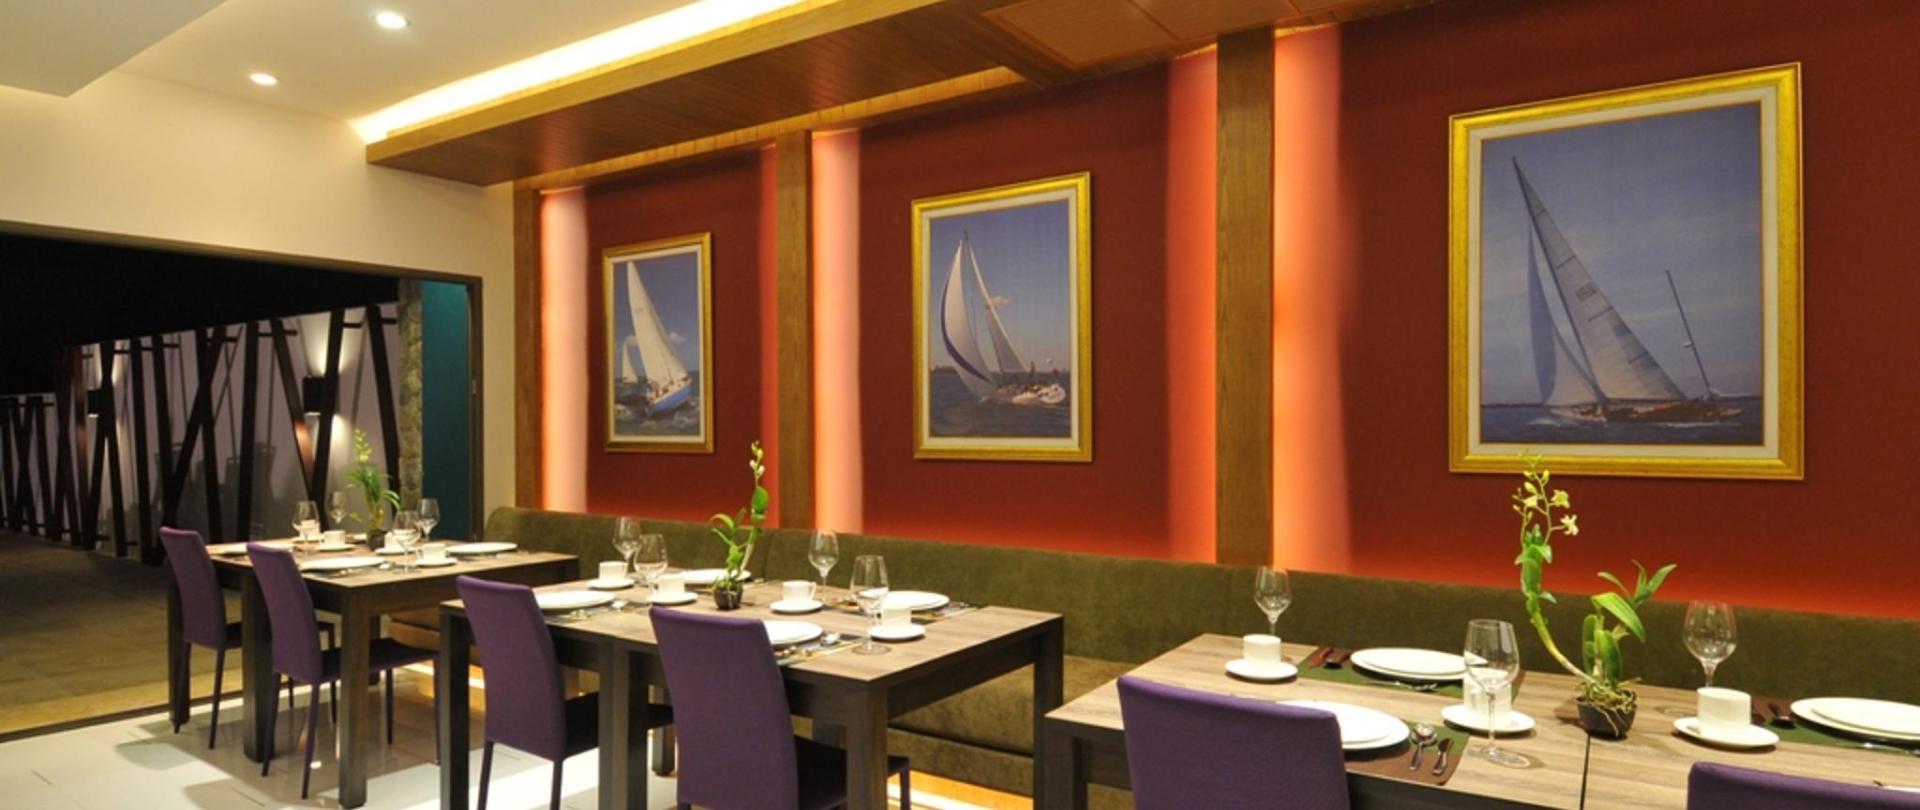 TheBay_Restaurant_03.jpg